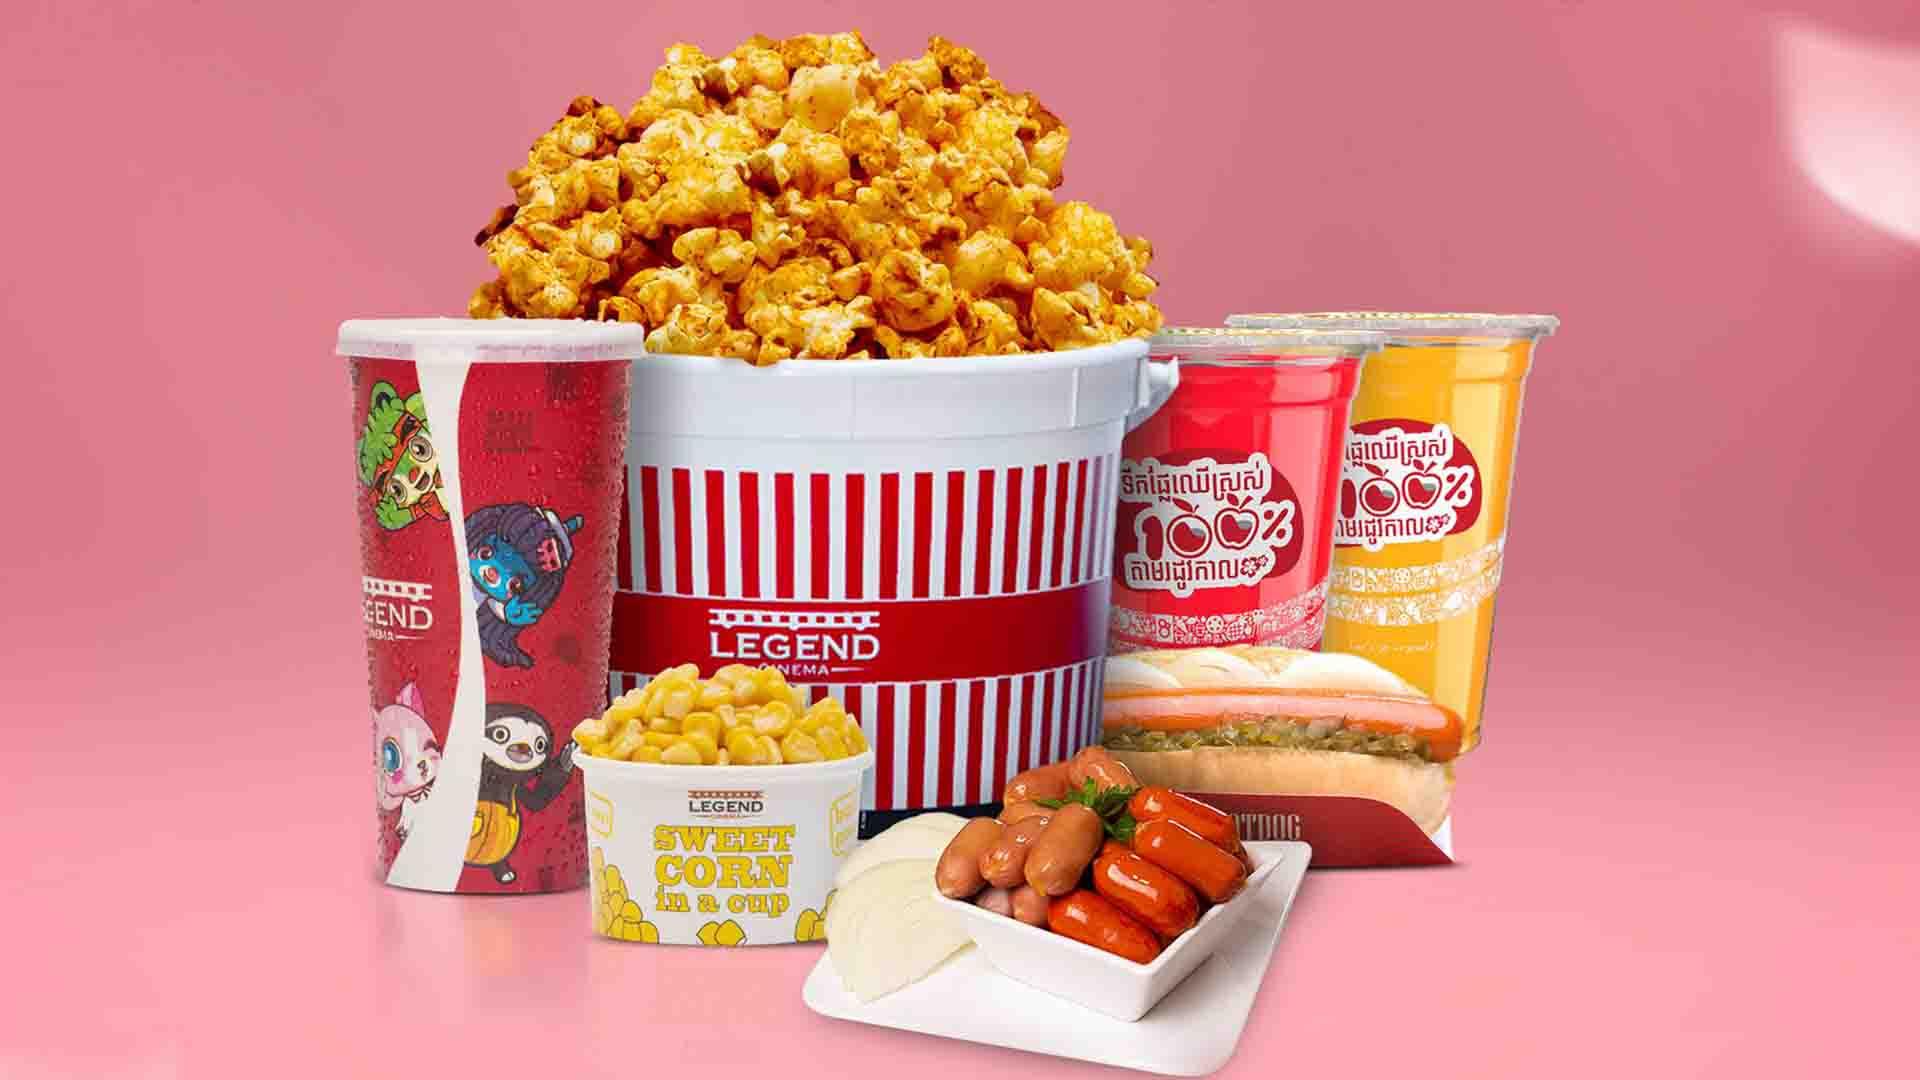 ត្រឡប់មកវិញហើយ! ជាមួយឈុតពិសេស Popcorn after Vaccines ពី Legend